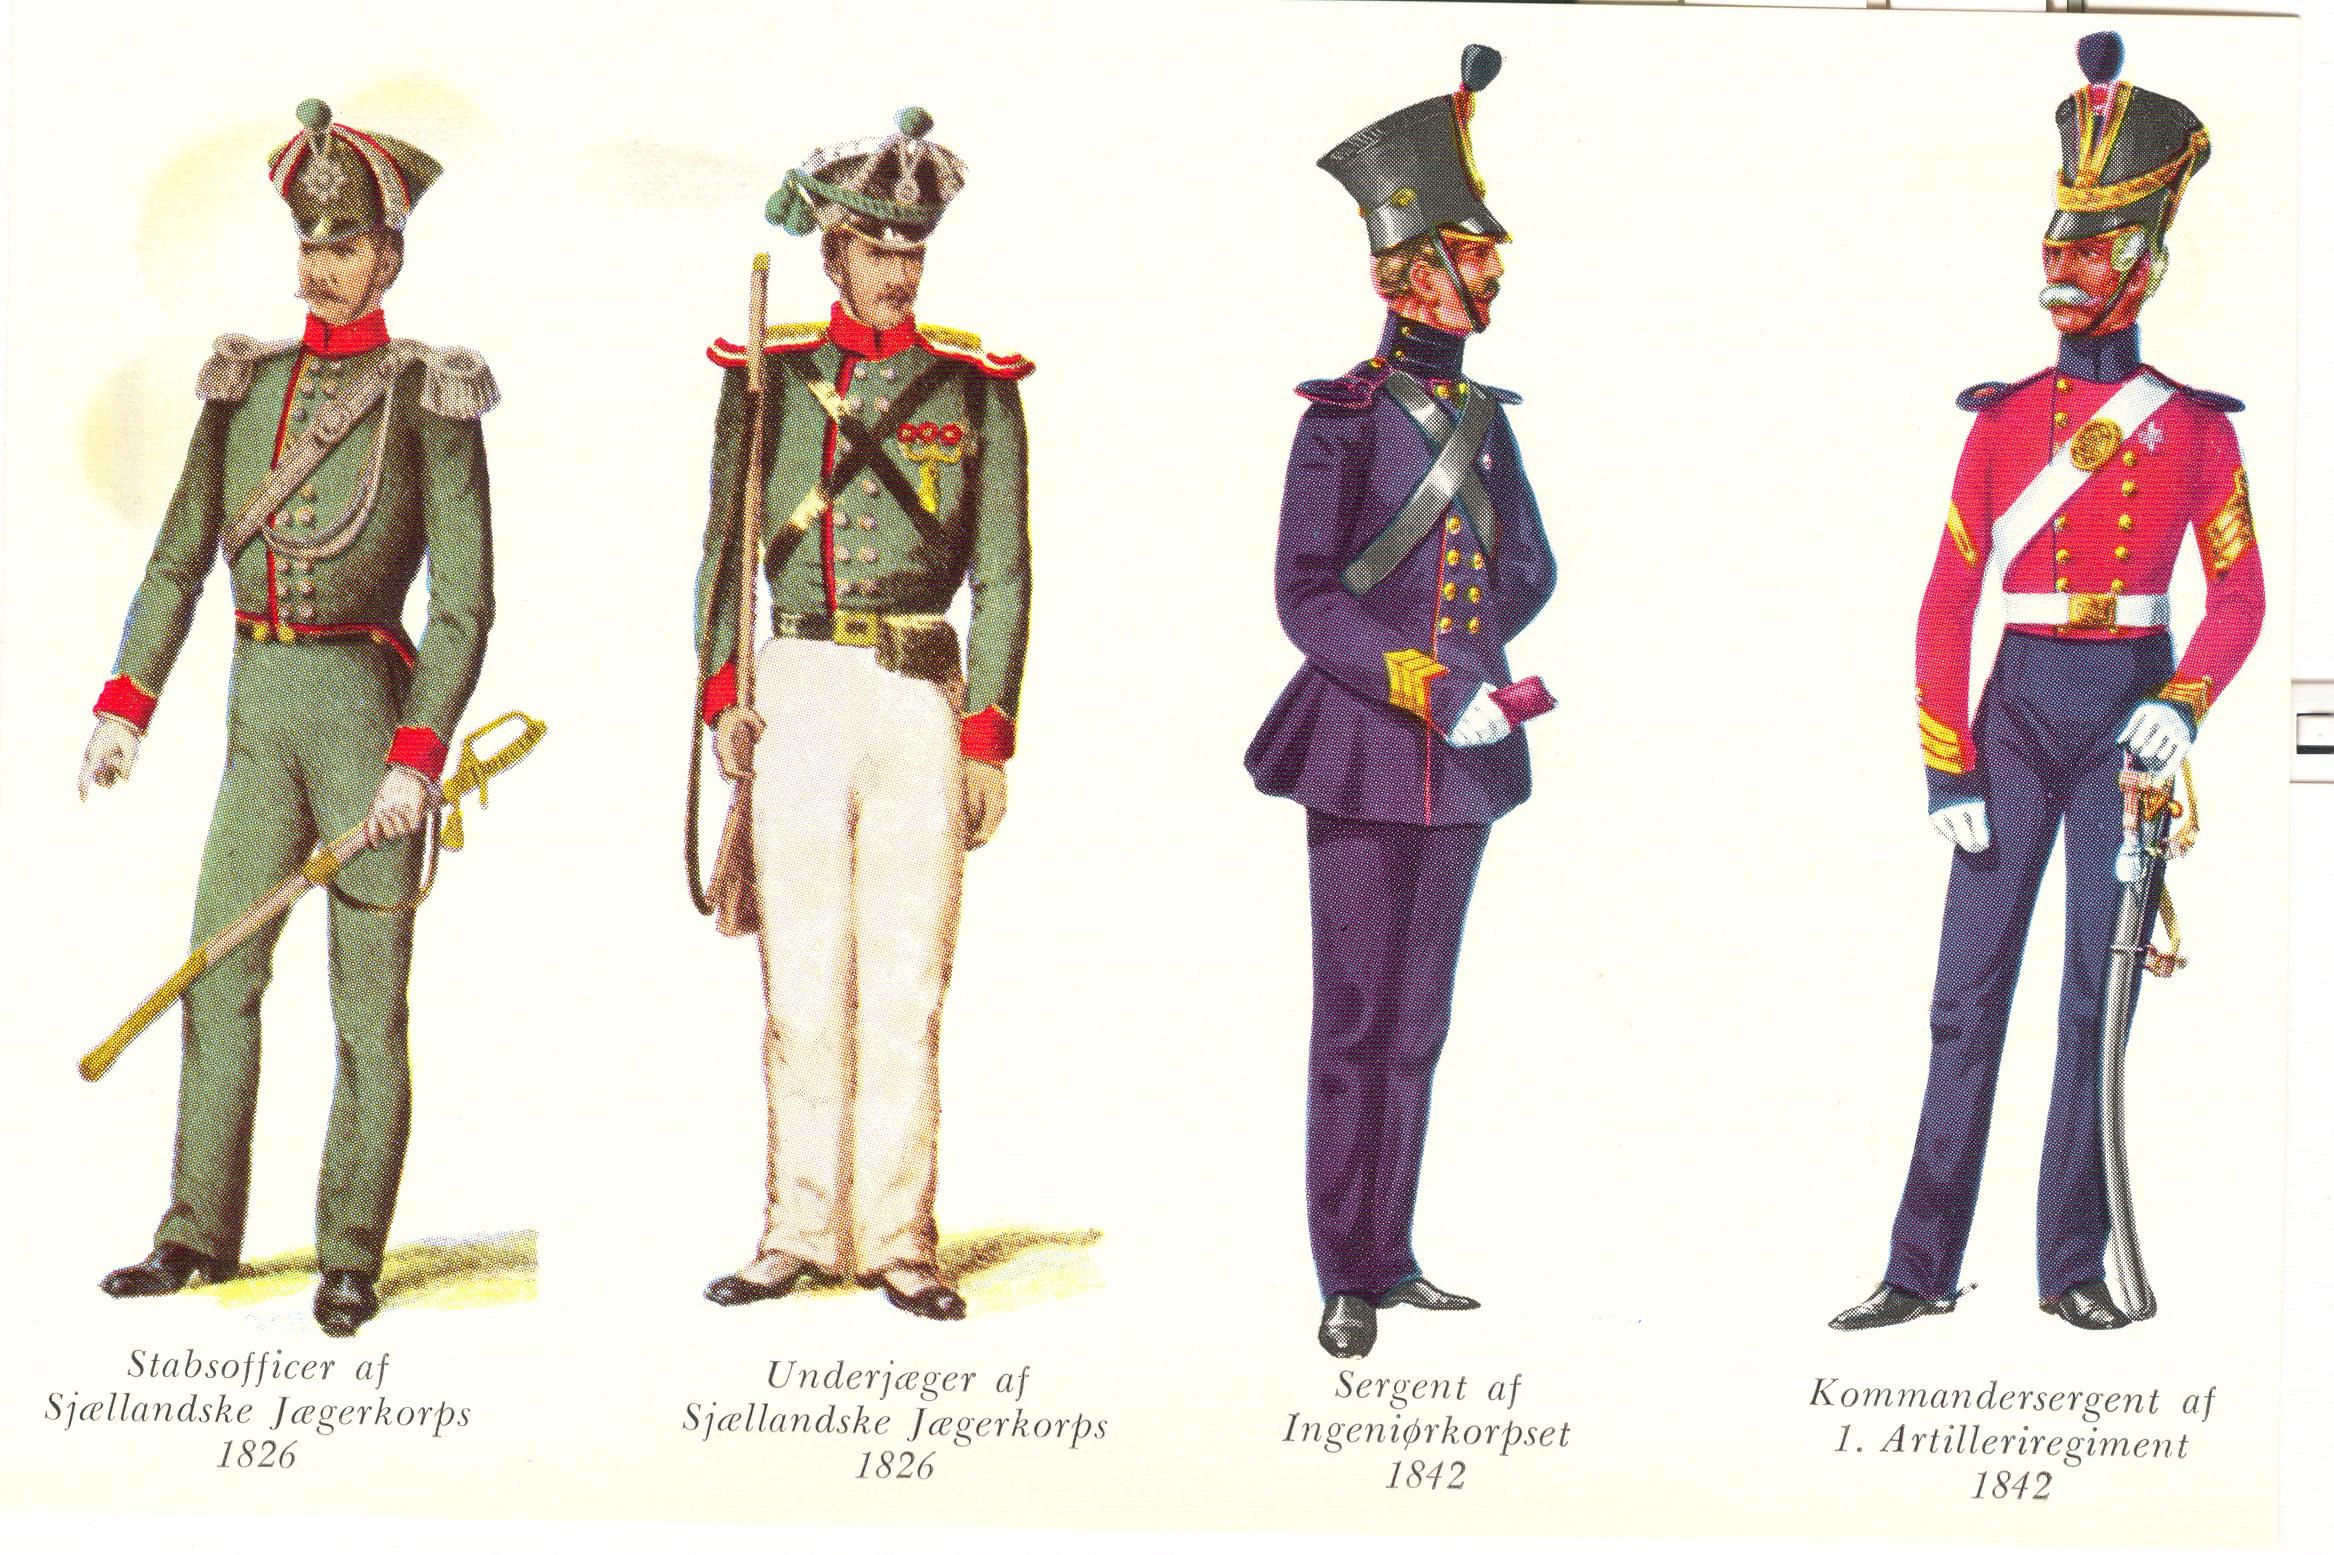 Nr.-4-Sjællandske-Jægerkorps-Ingeniørkorpset-og-1.-Artilleriregiment